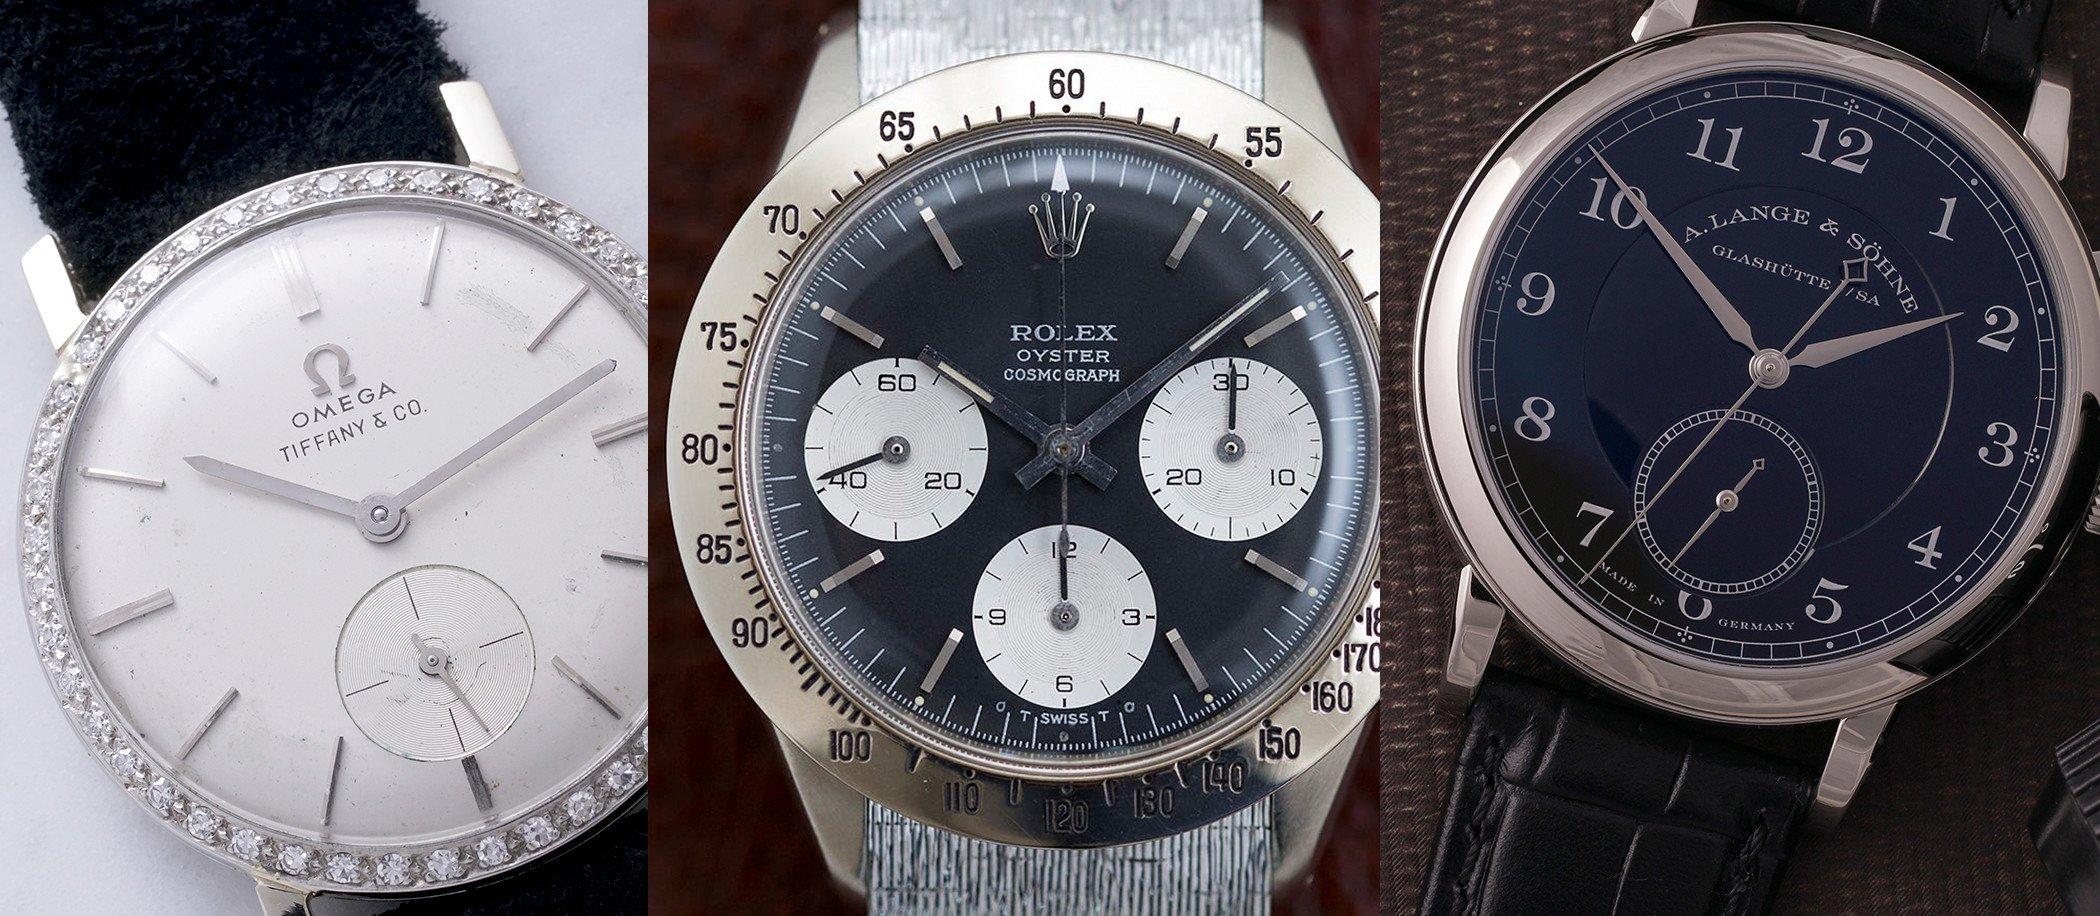 Rekordowa Omega, Rolex i Lange na aukcji domu Phillips